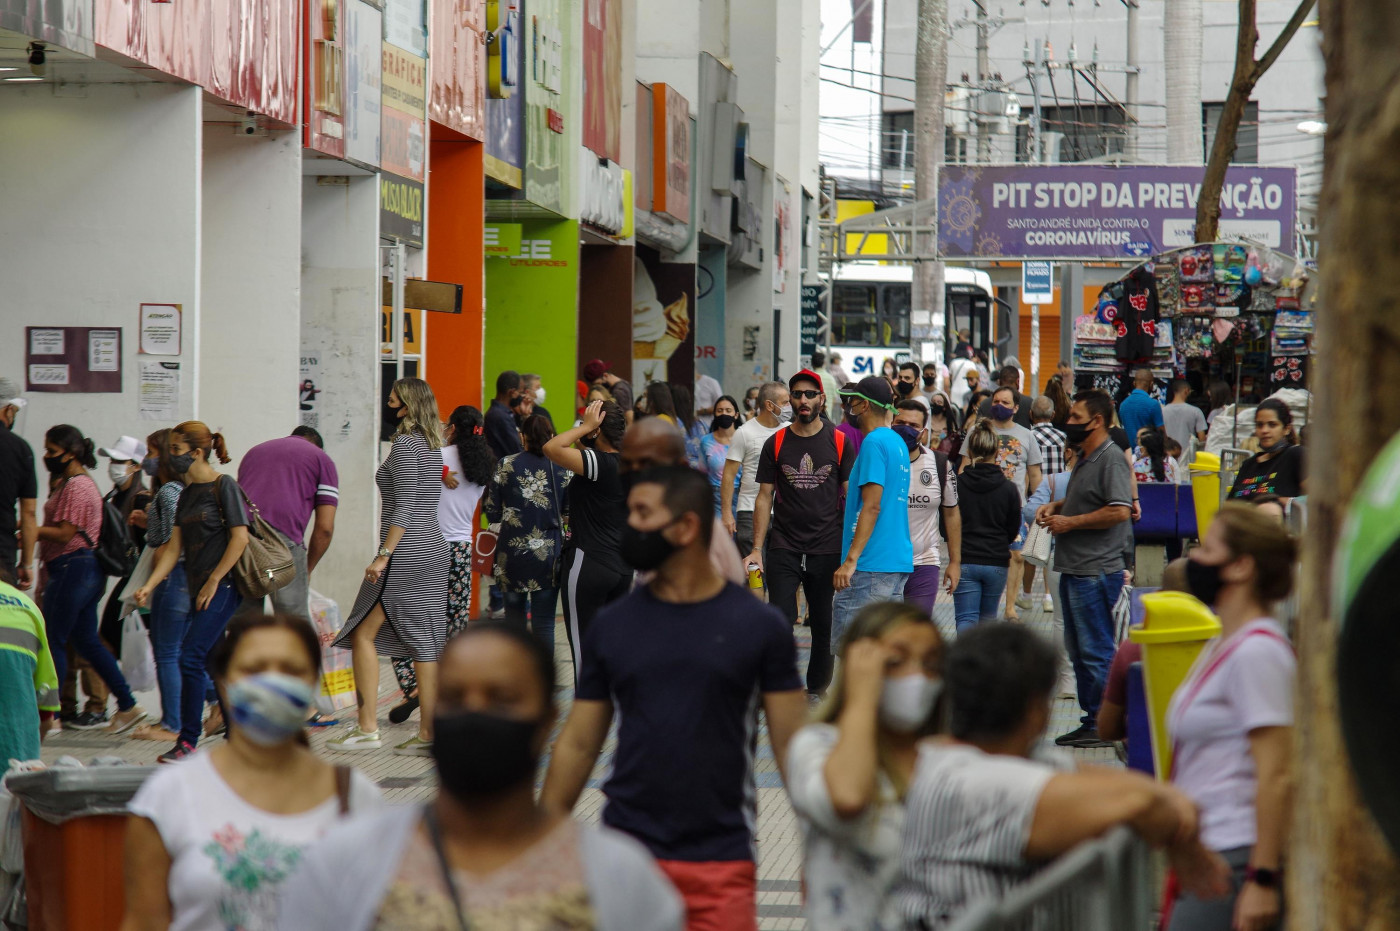 pessoas de máscaras andando na rua